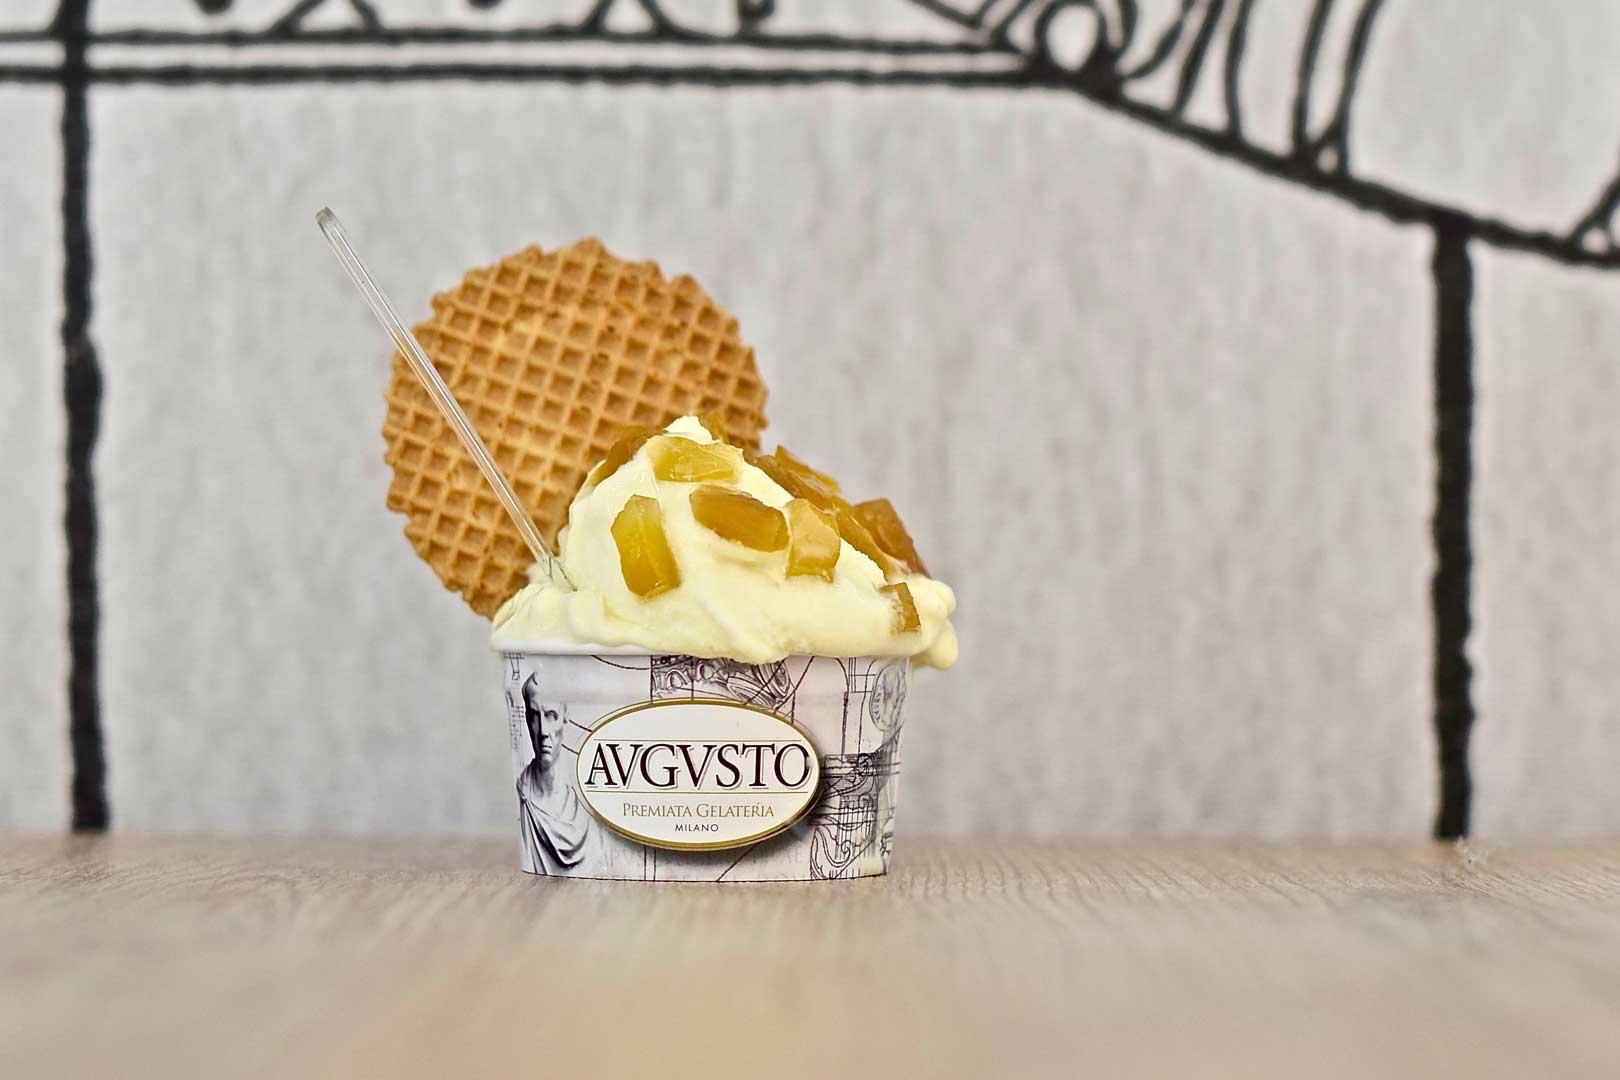 premiata-gelateria-augusto-zenzero